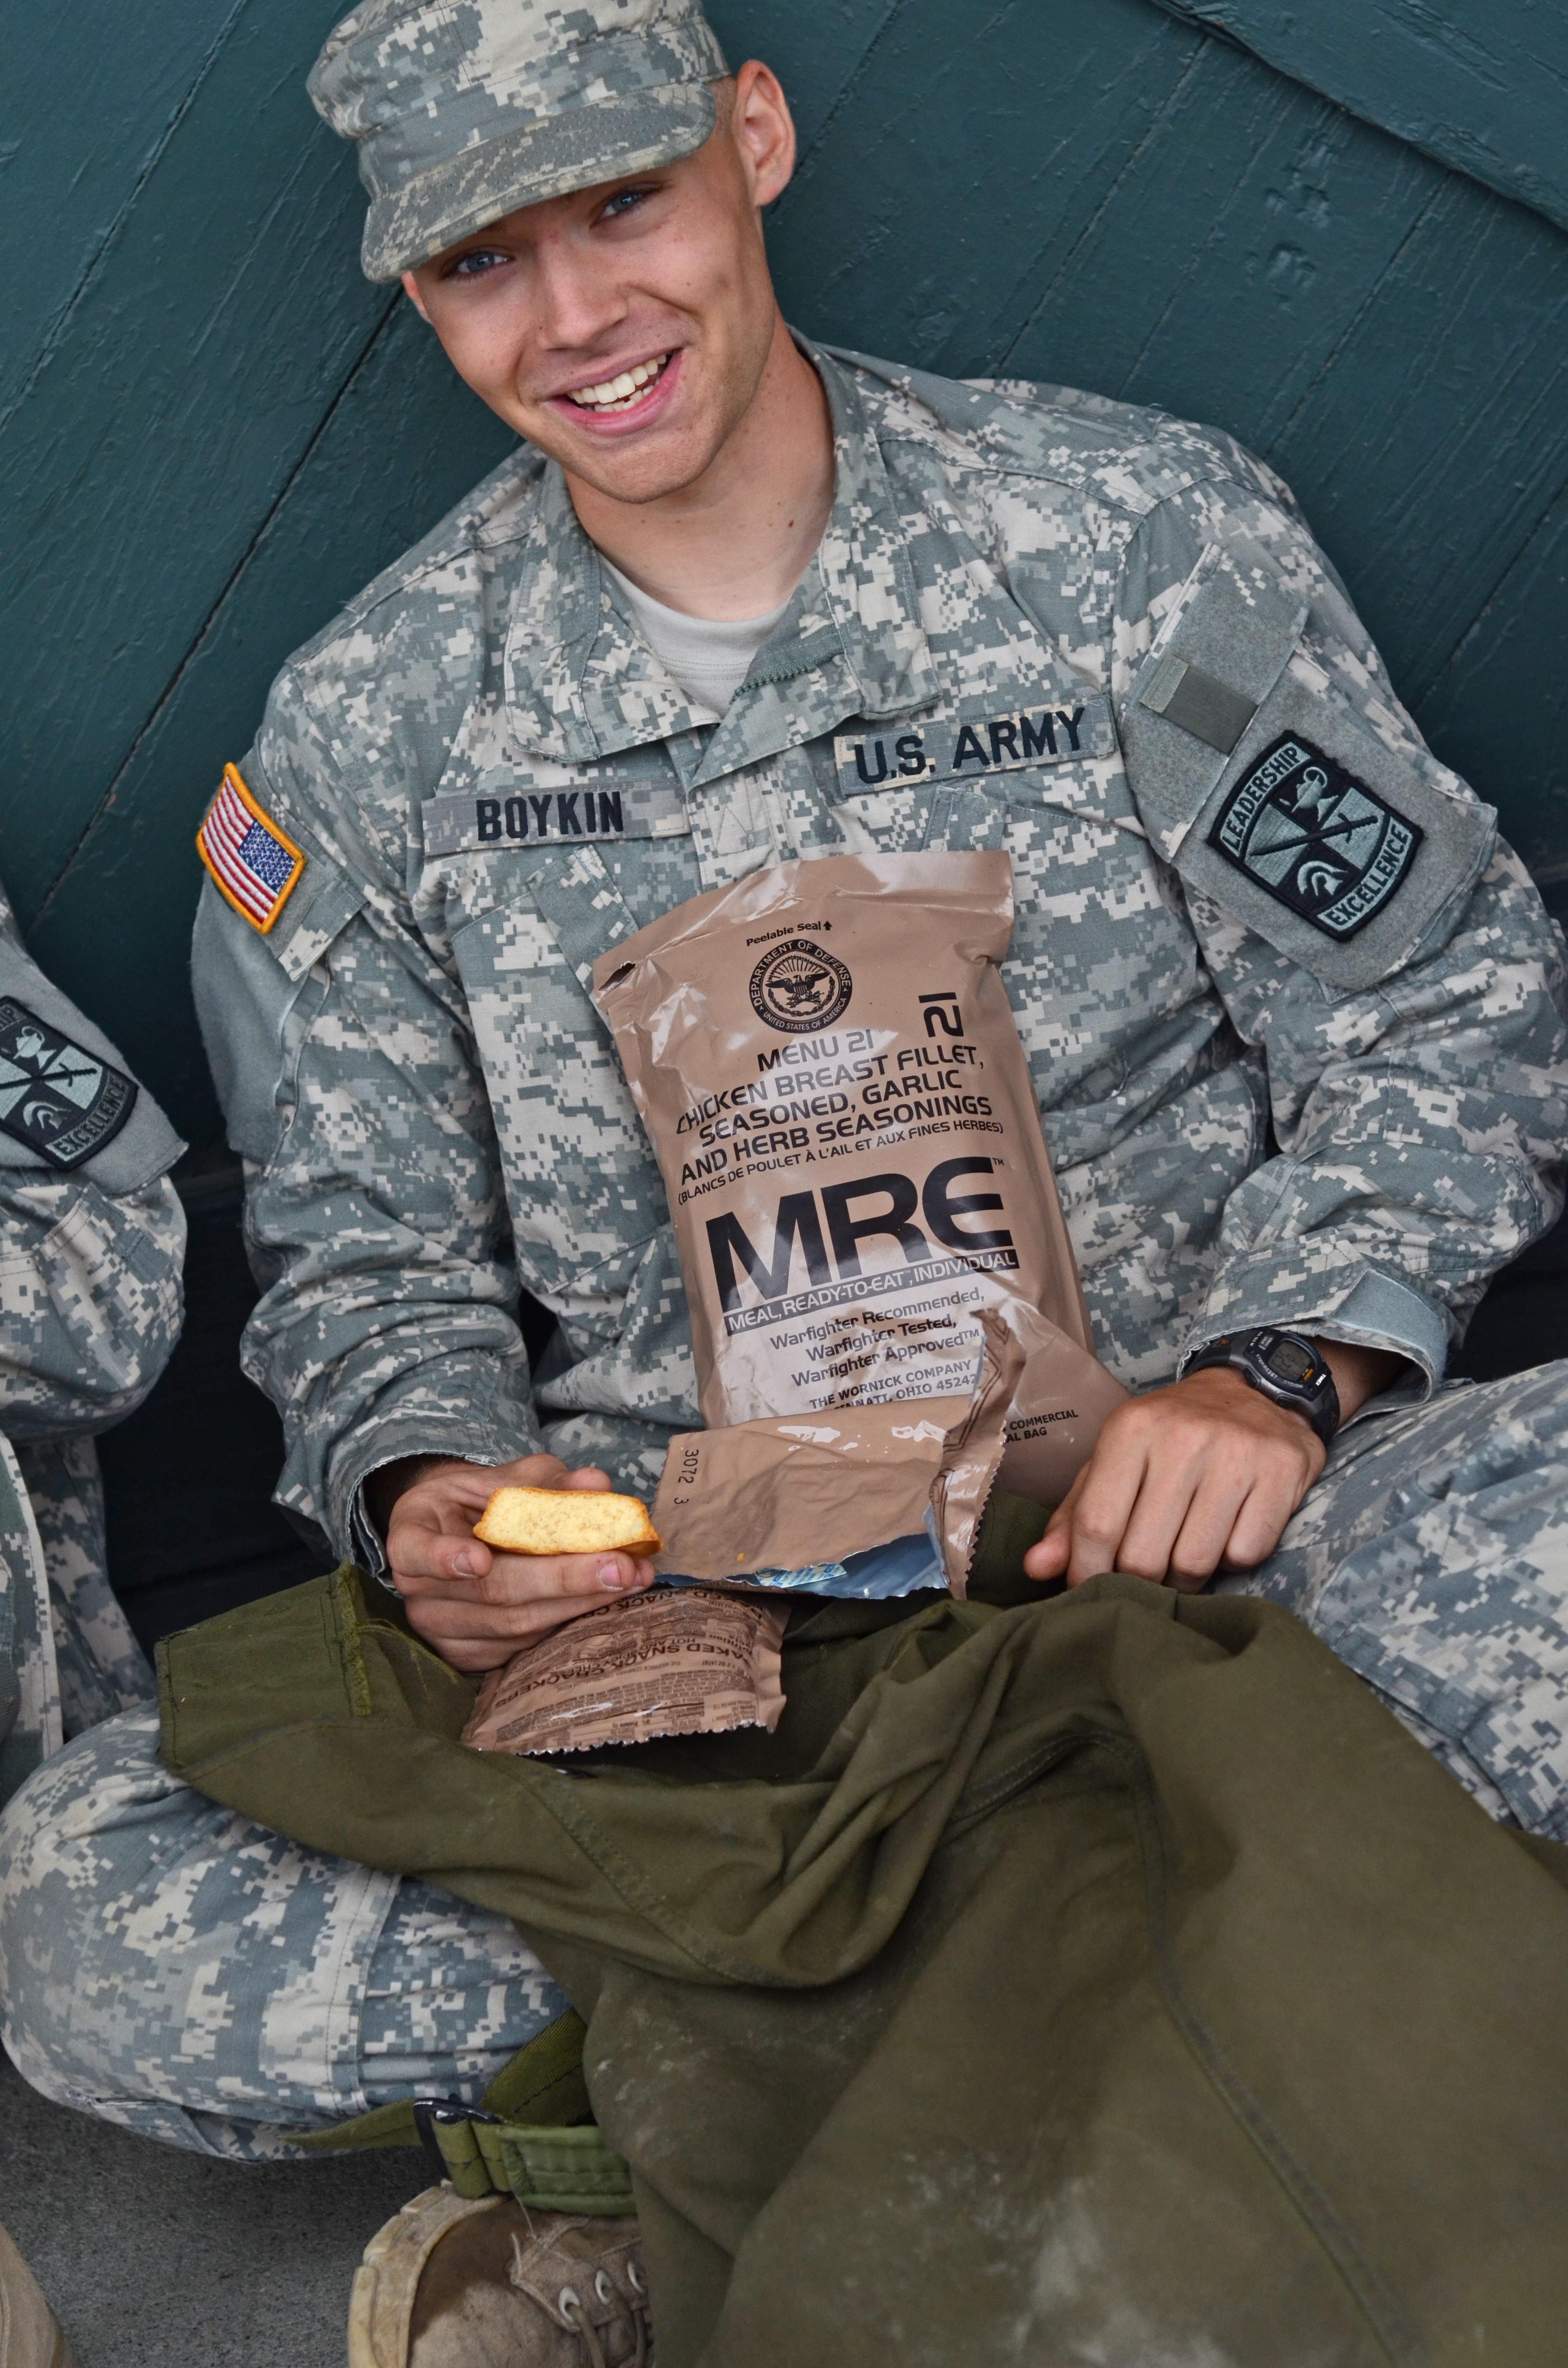 U.S. Army photo by Cydney McFarland.